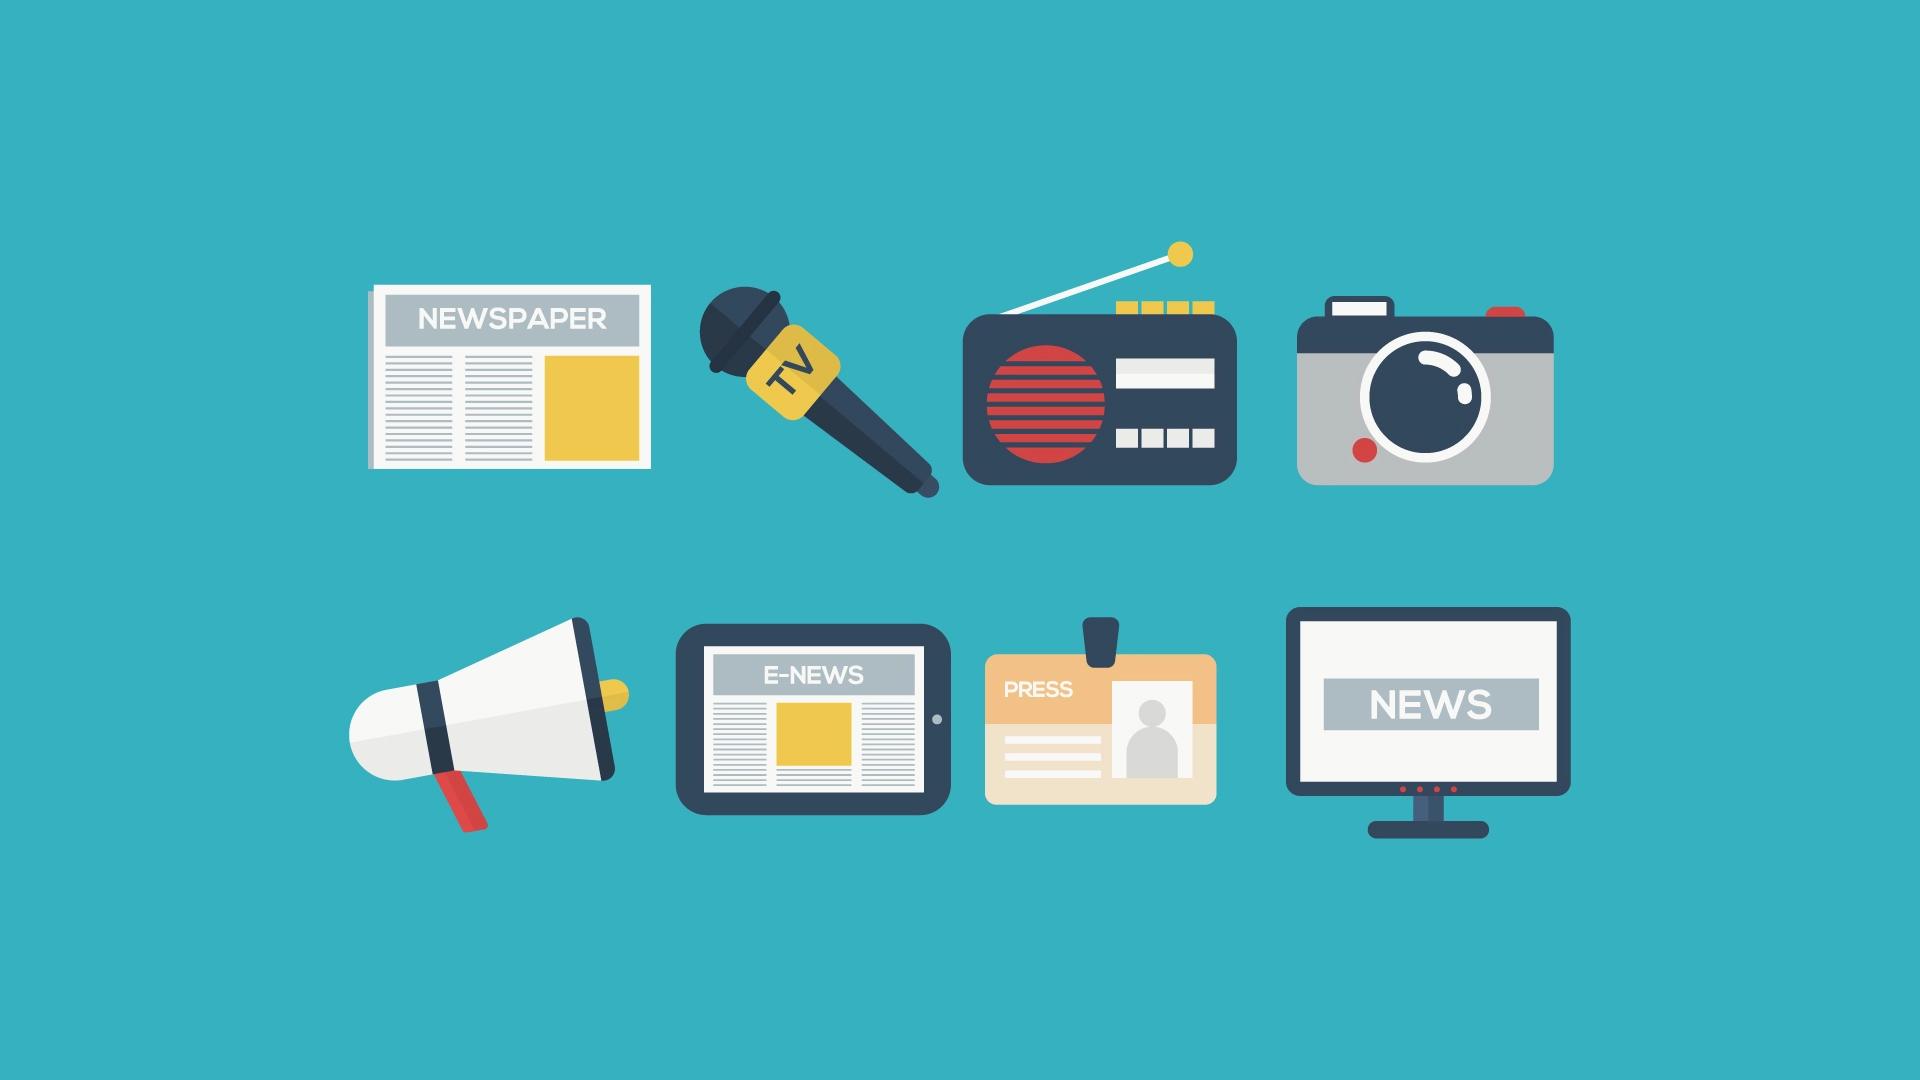 medya çeşitleri nelerdir?